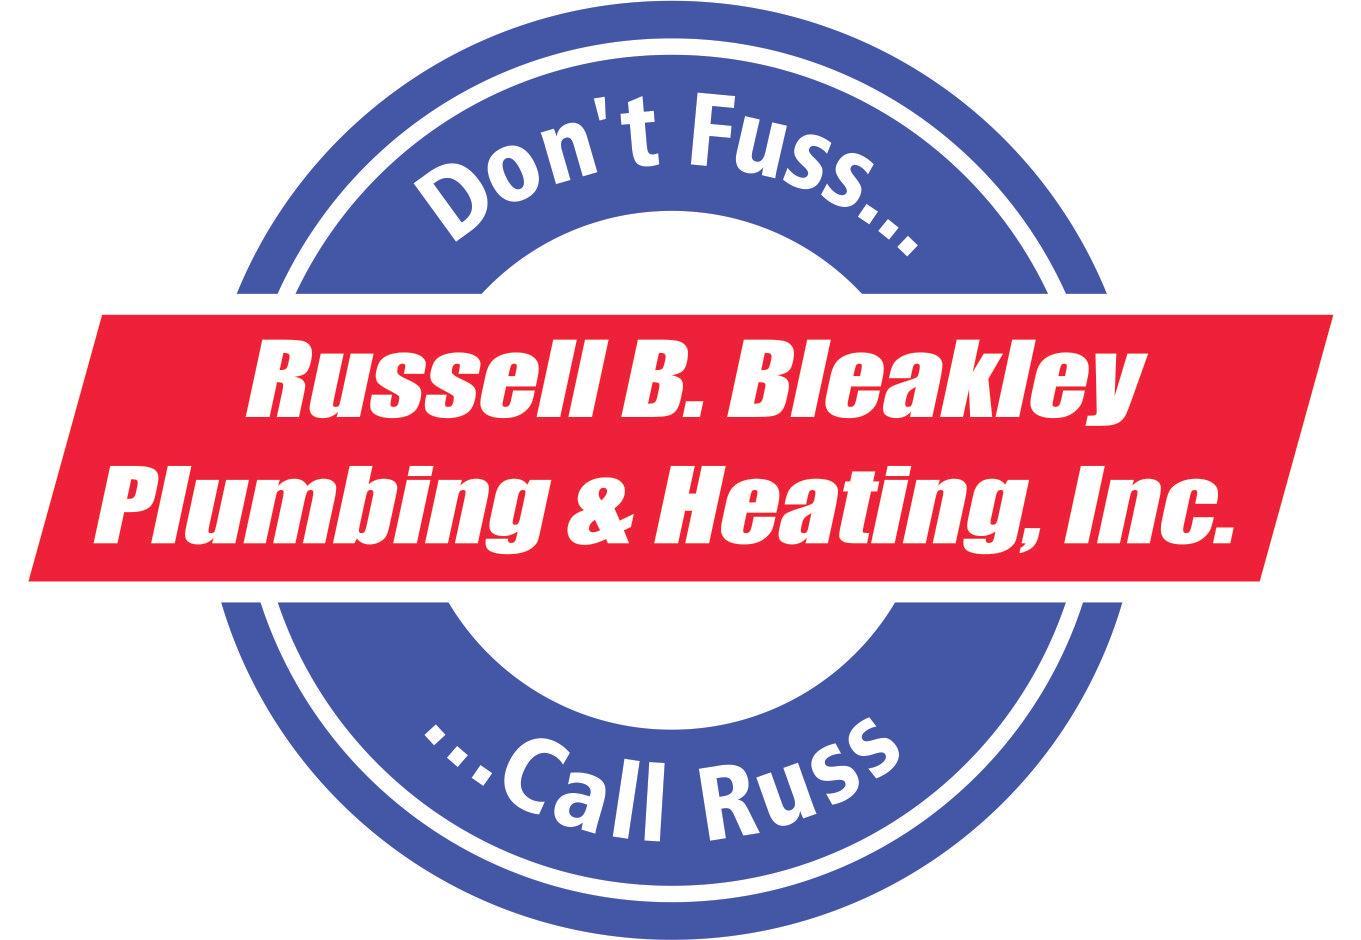 Russell B. Bleakley Plumbing & Heating, Inc. image 0